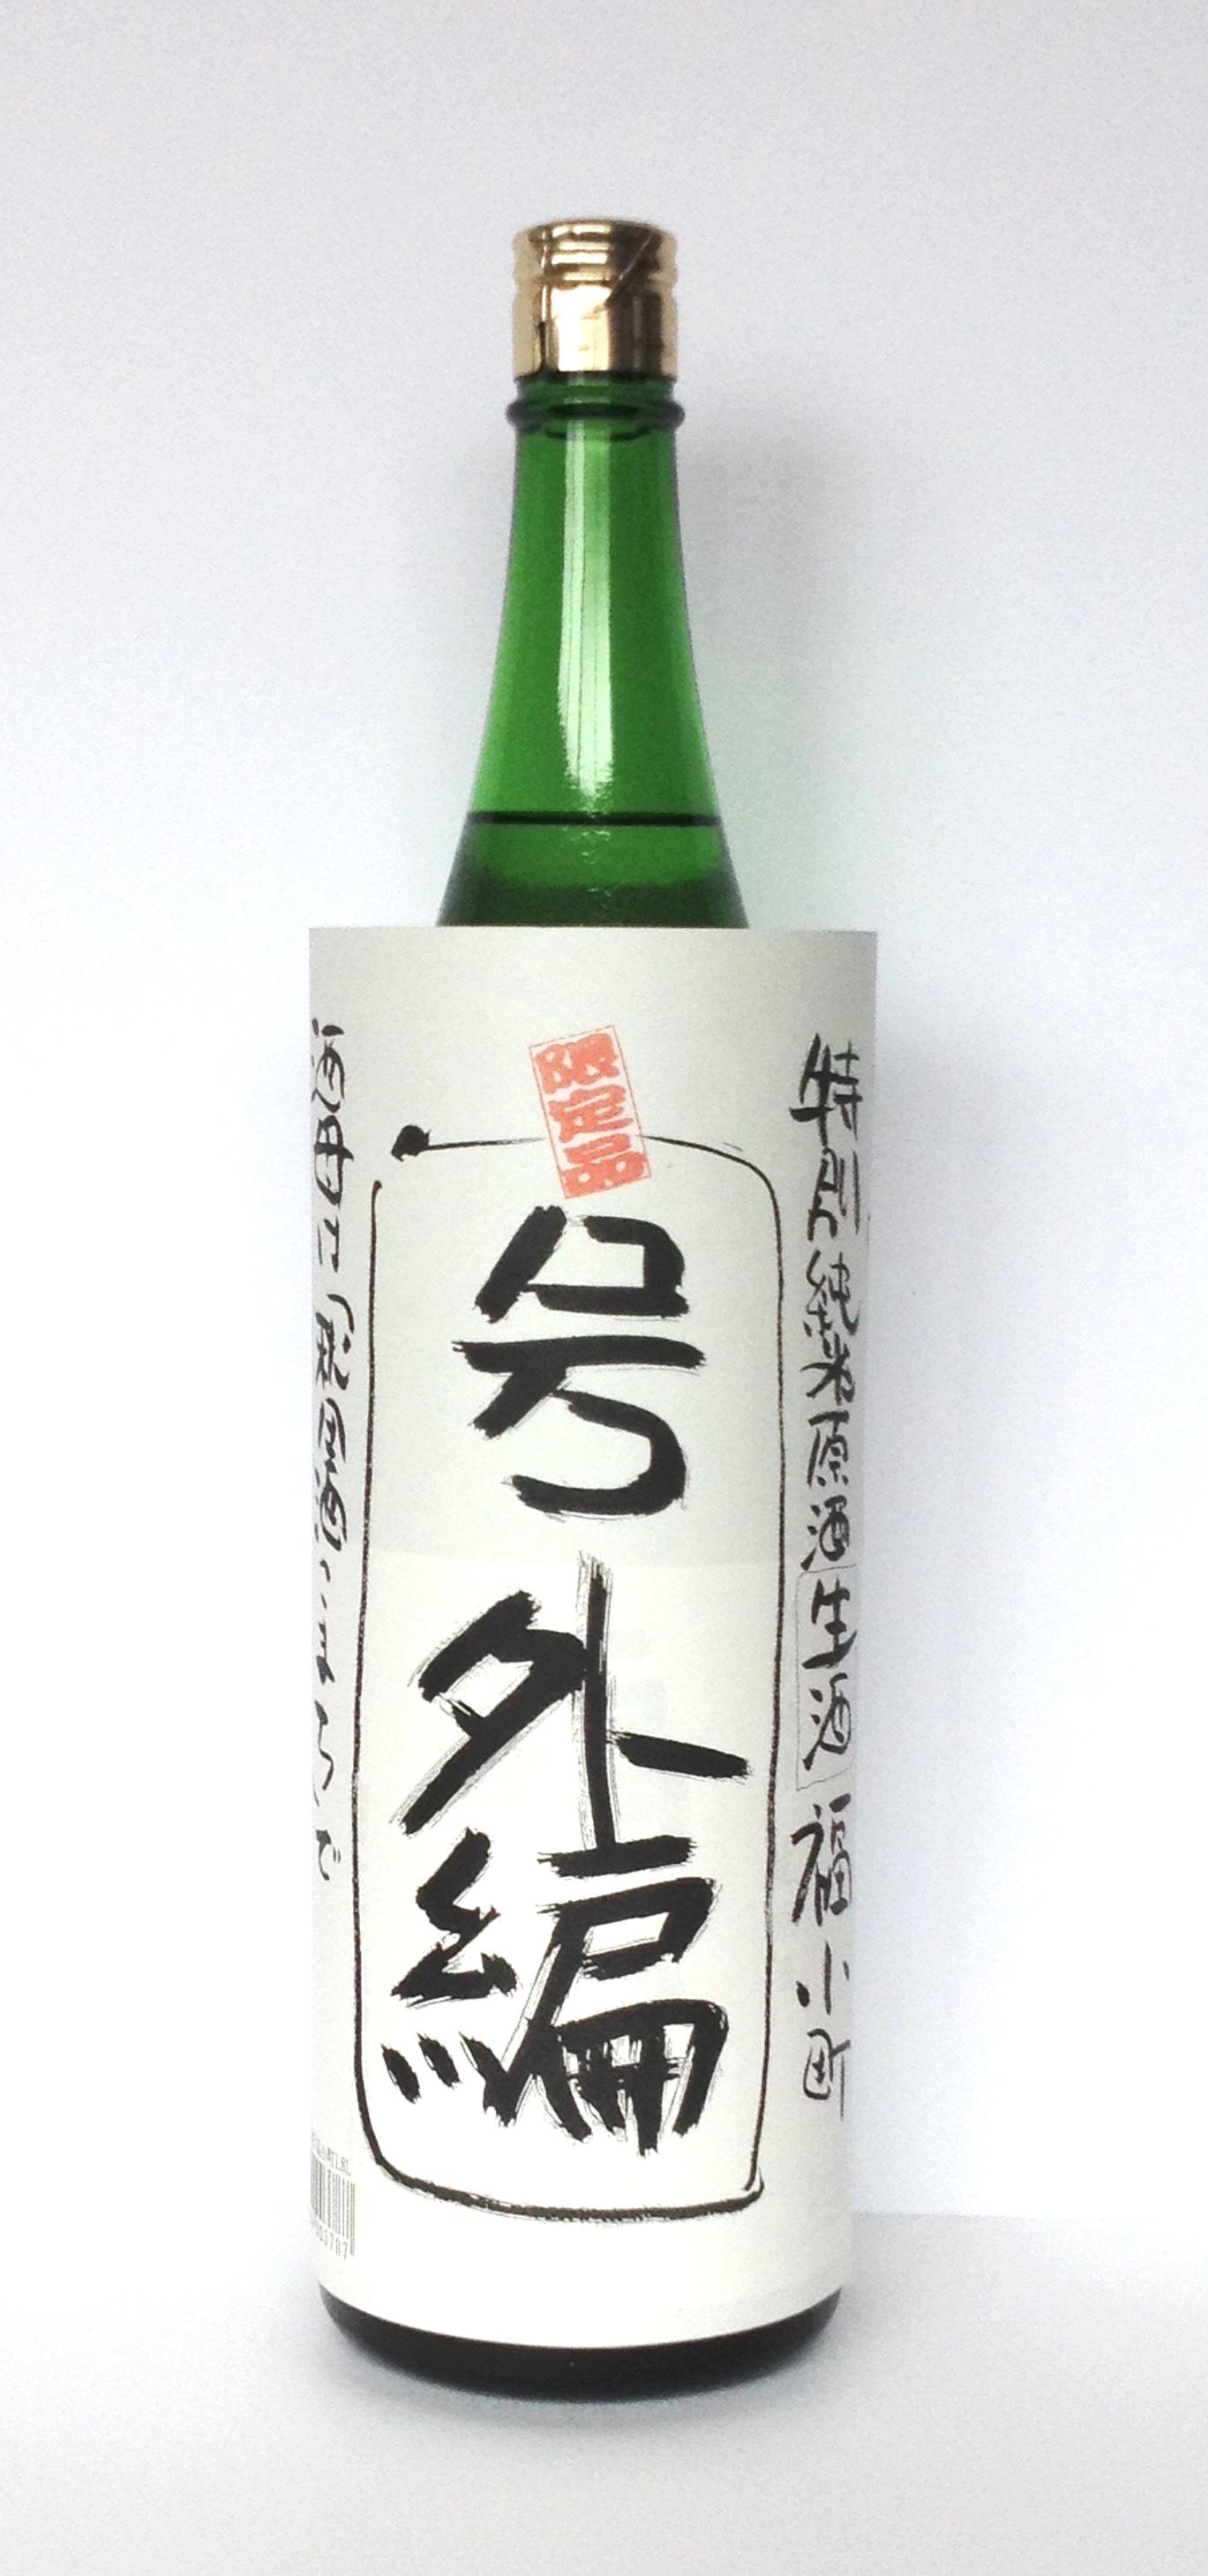 【数量限定!】特別純米生原酒 福小町 号外編 (1.8L)